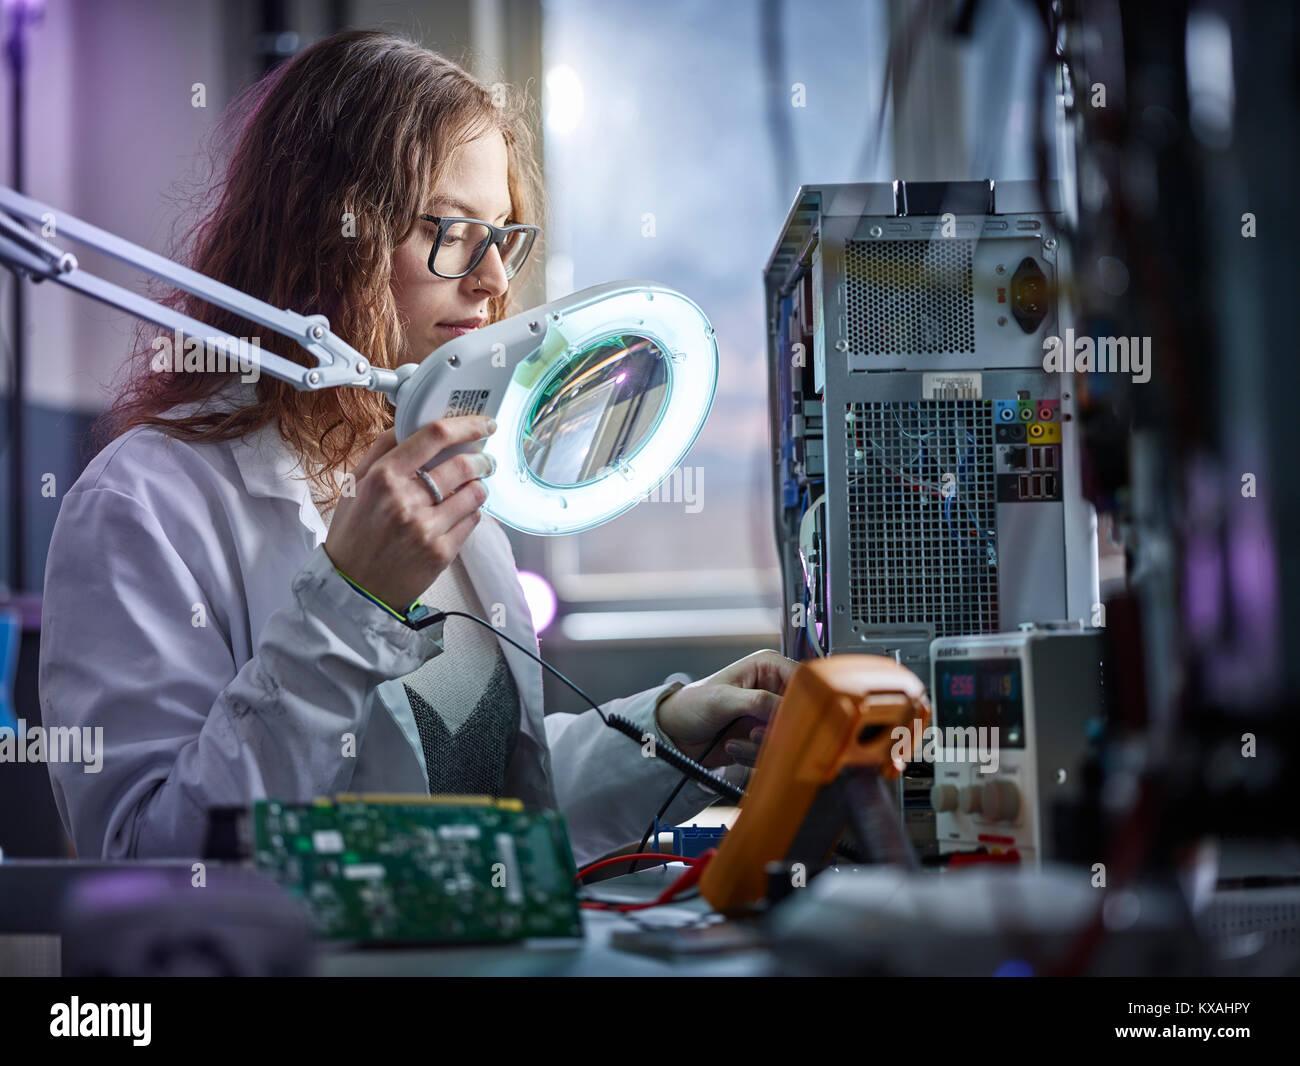 Técnico con bata blanca de laboratorio con un dispositivo de medición en un laboratorio de electrónica, Imagen De Stock